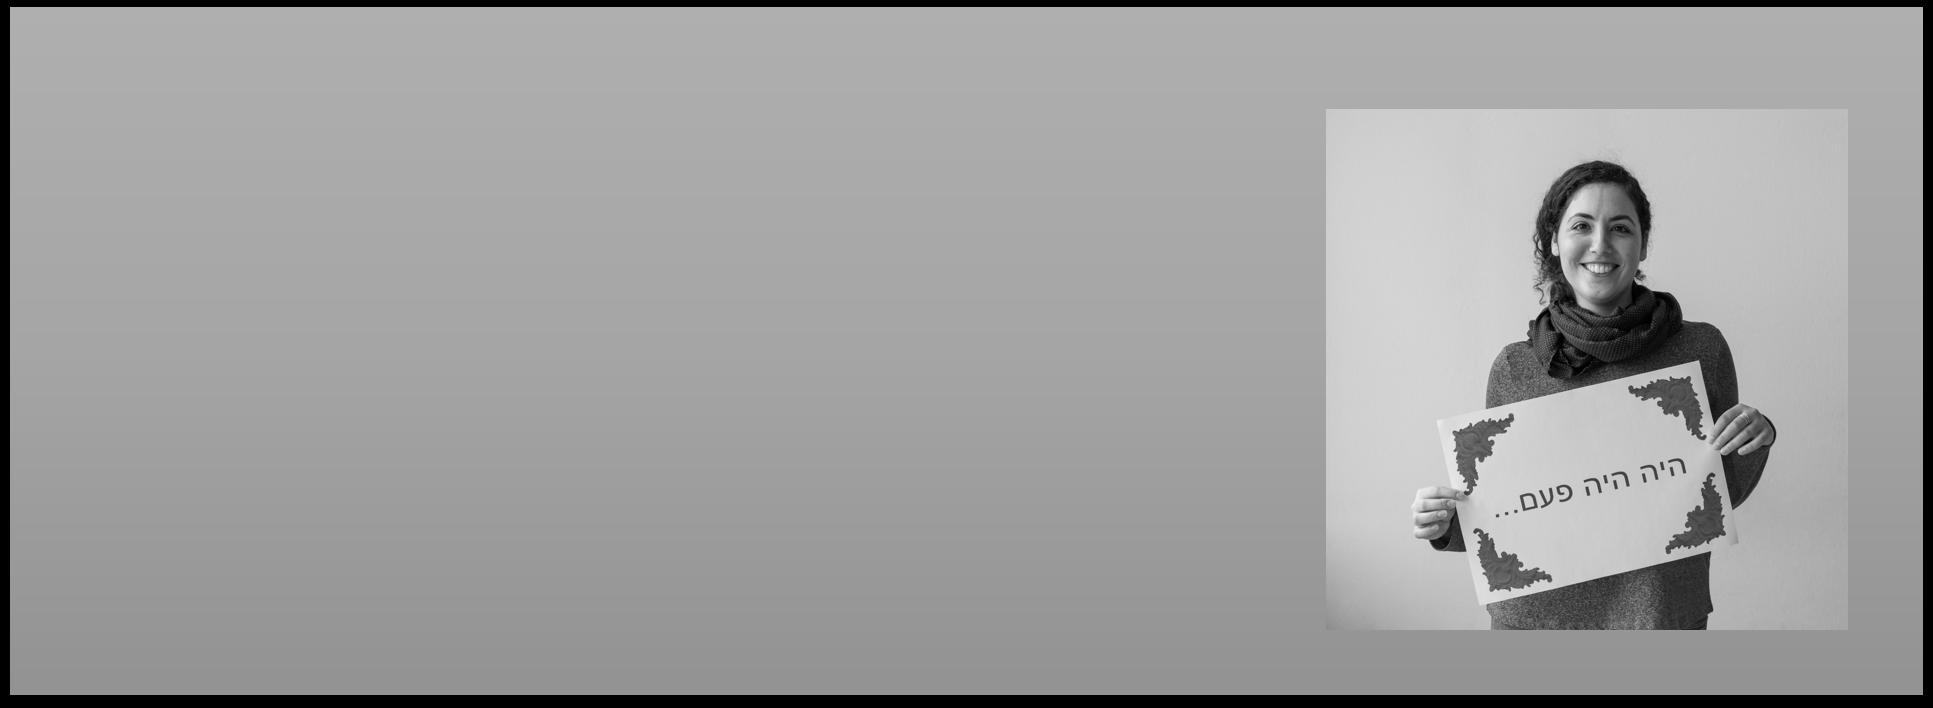 Hadar banner